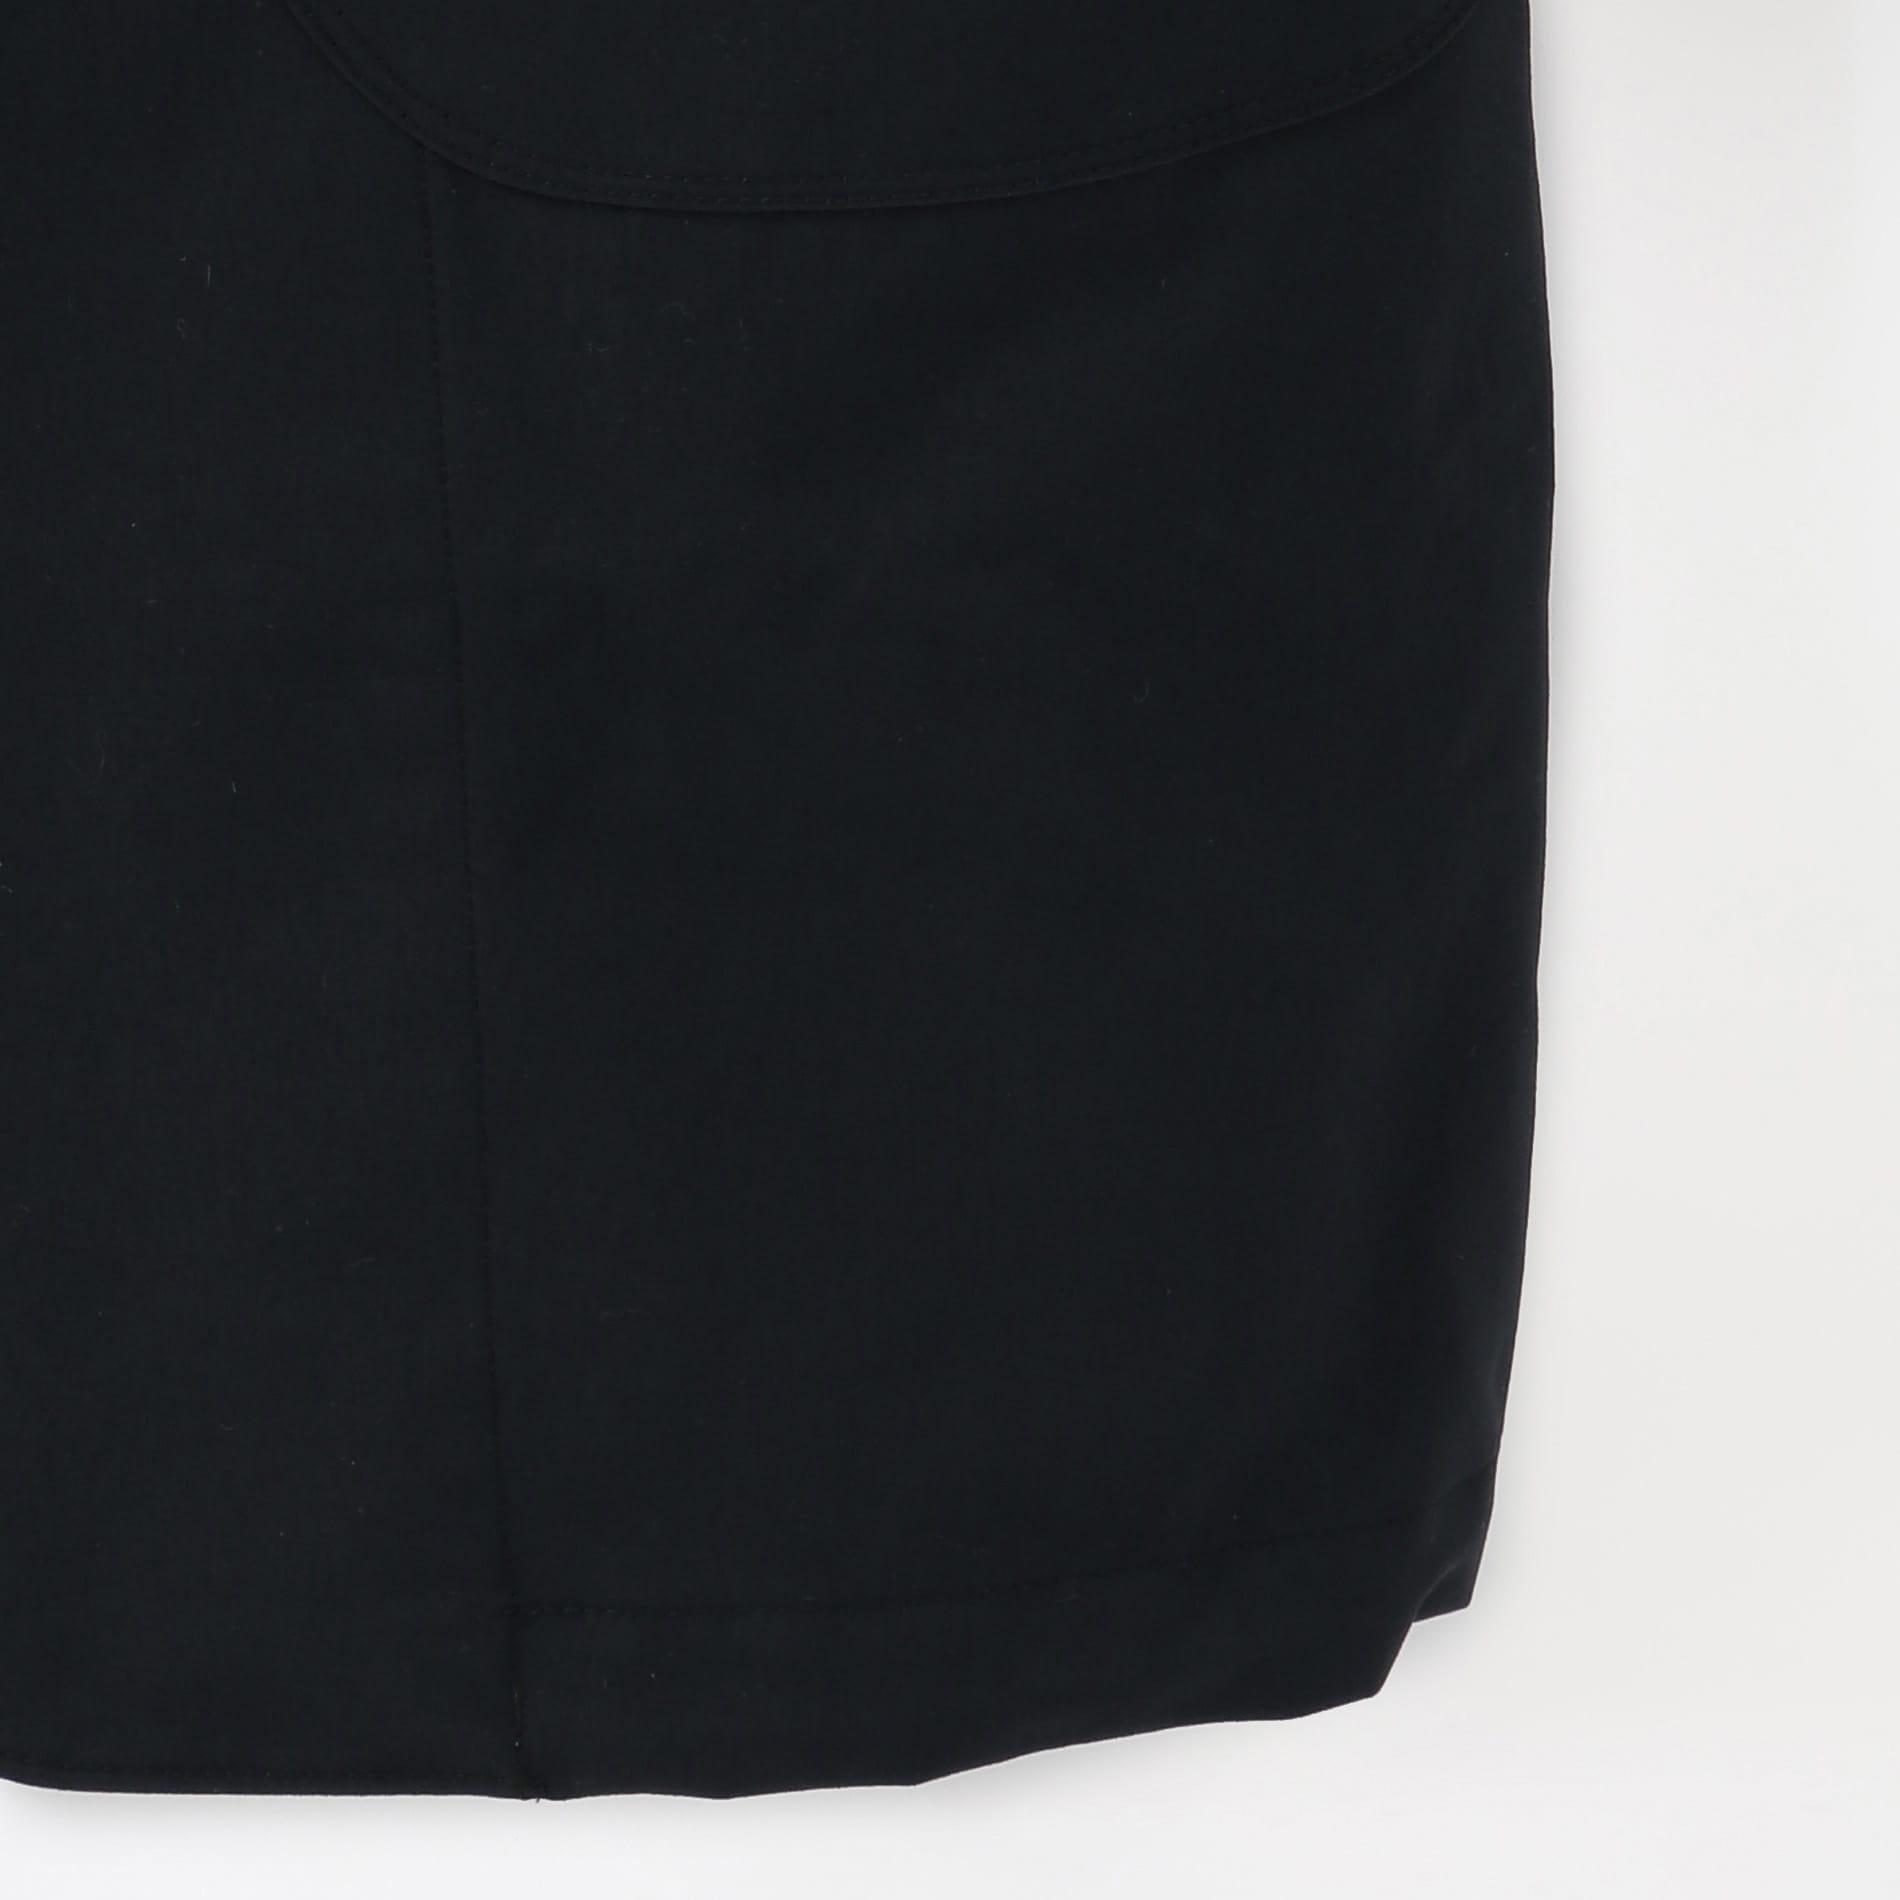 【karrimor aspire】MEN cordula 3L duffule coat 4J01MAI1